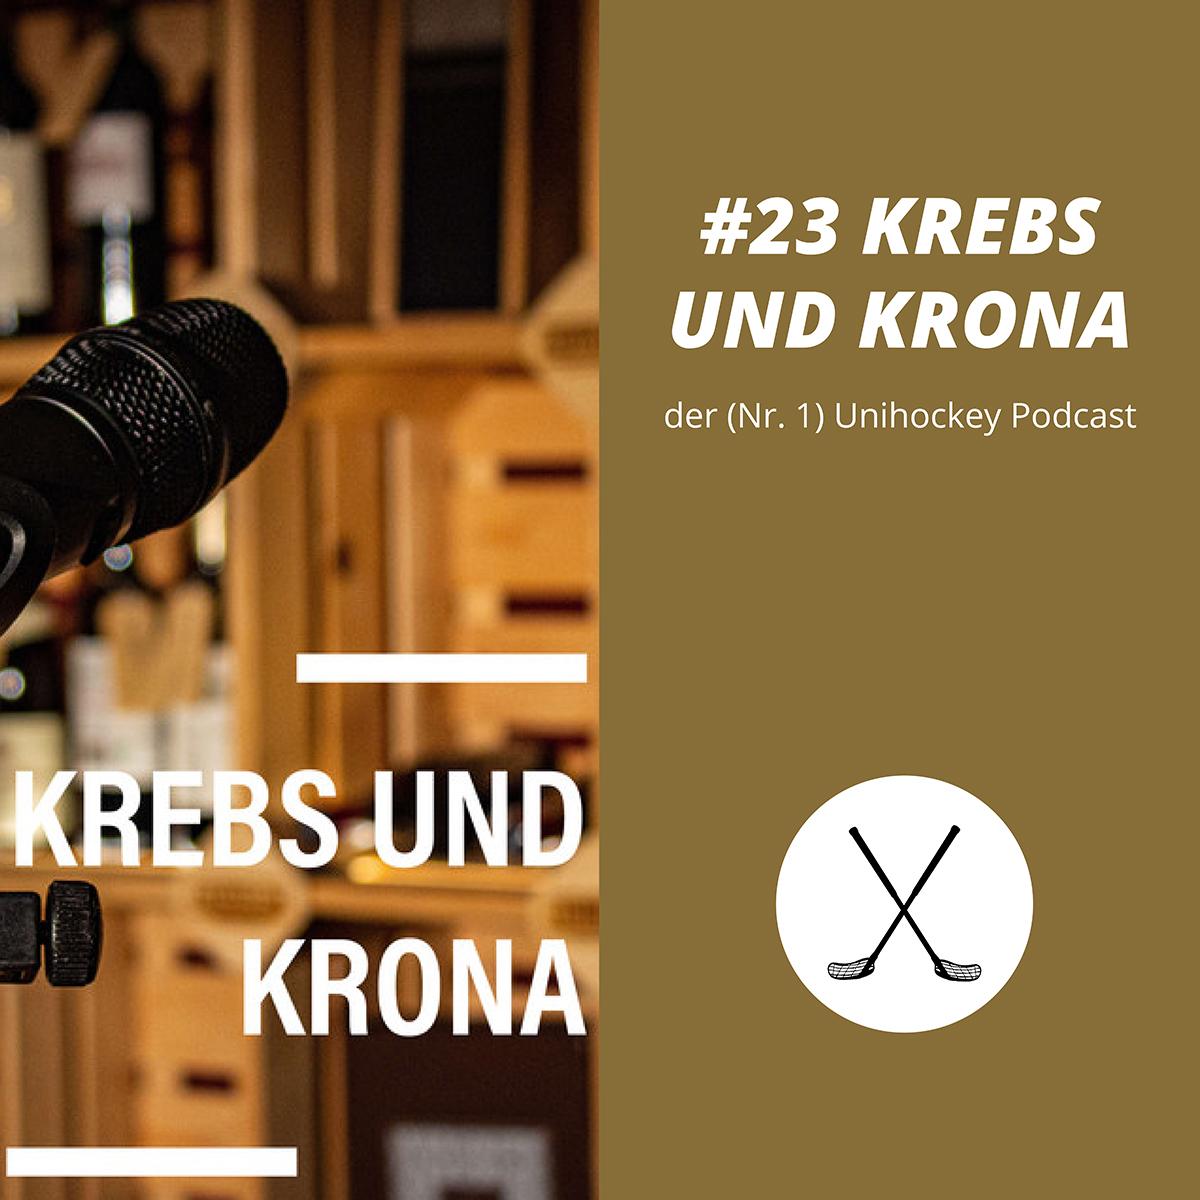 #23 KREBS UND KRONA, der (Nr. 1) Unihockey Podcast